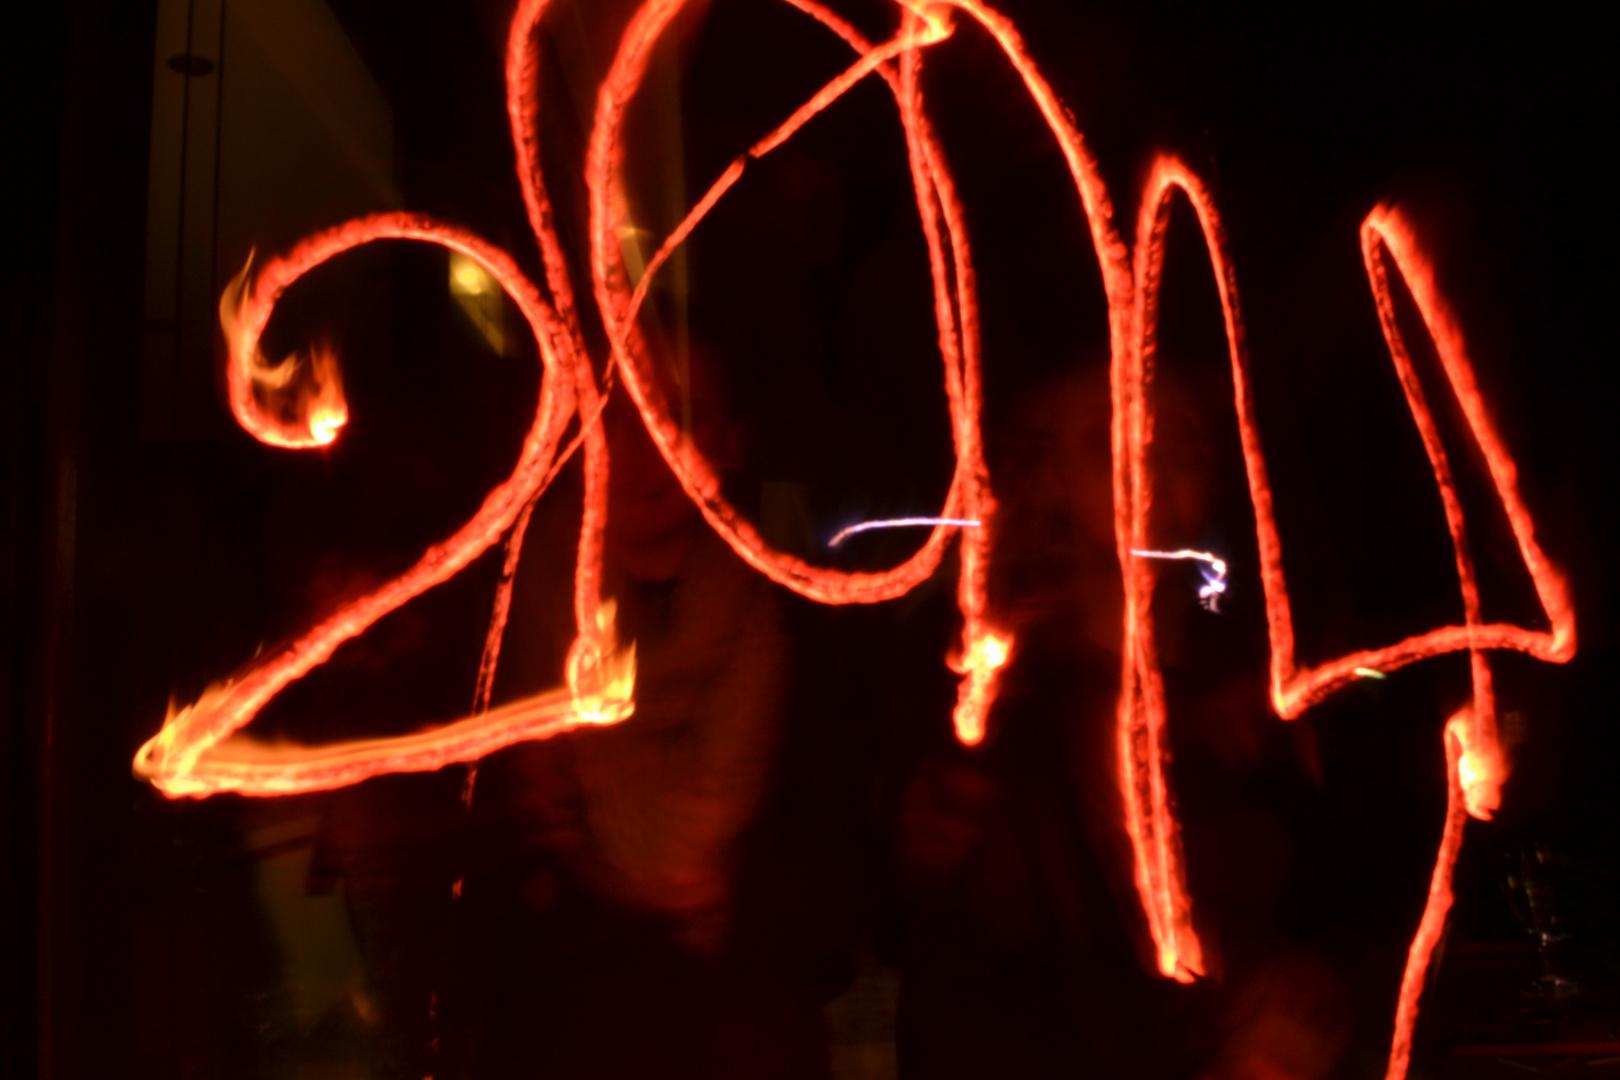 2014 - Du bist meine Hoffnung